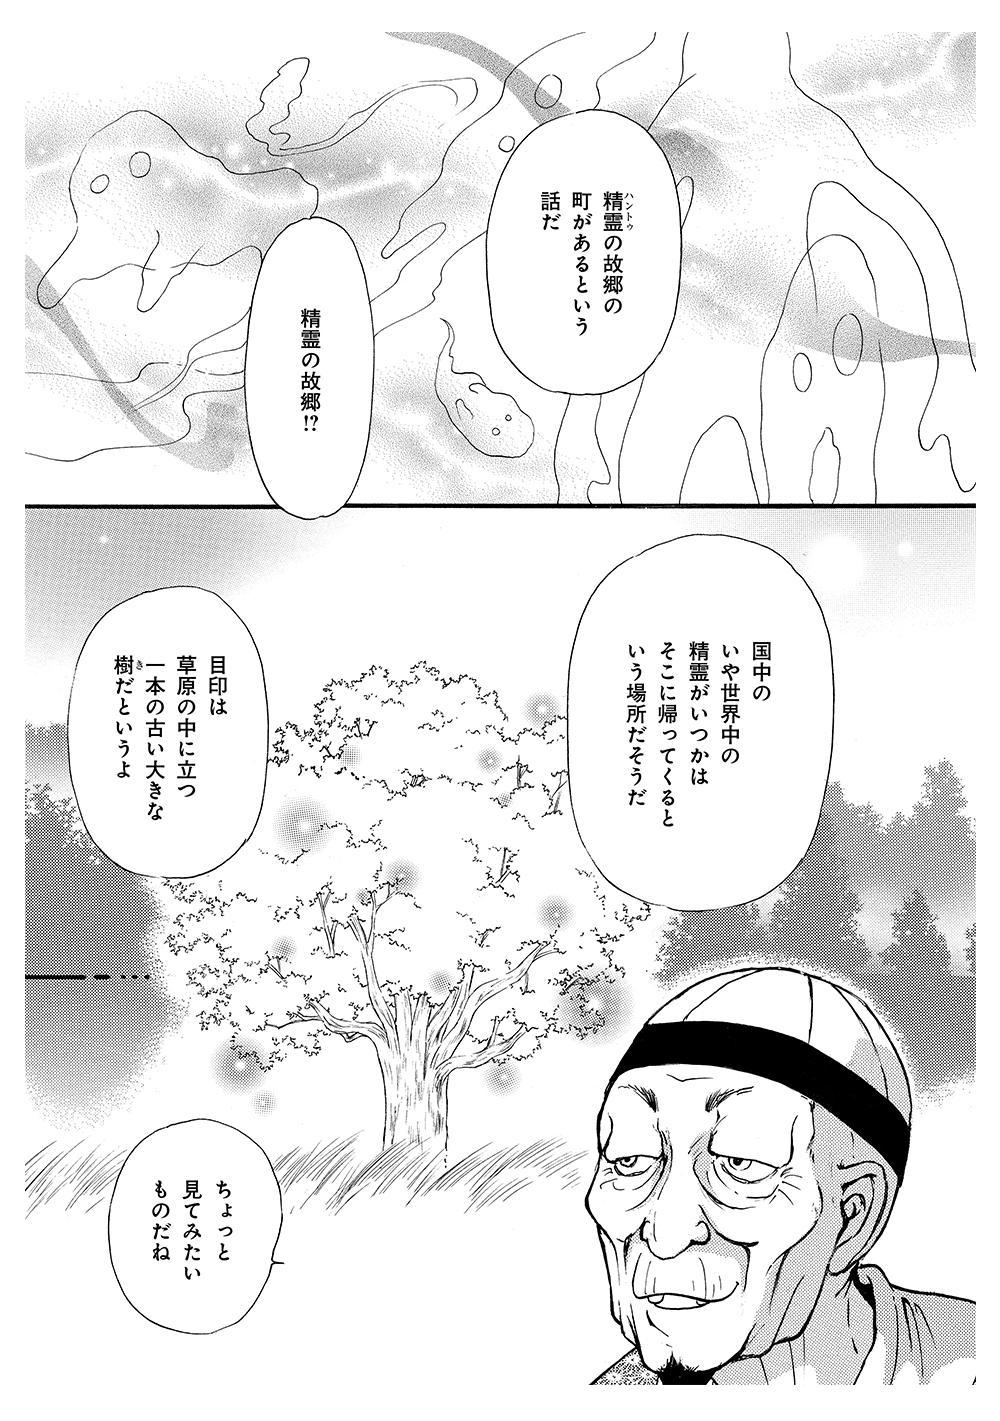 くにのまほろば 第1話 ②kunimaho02-03.jpg